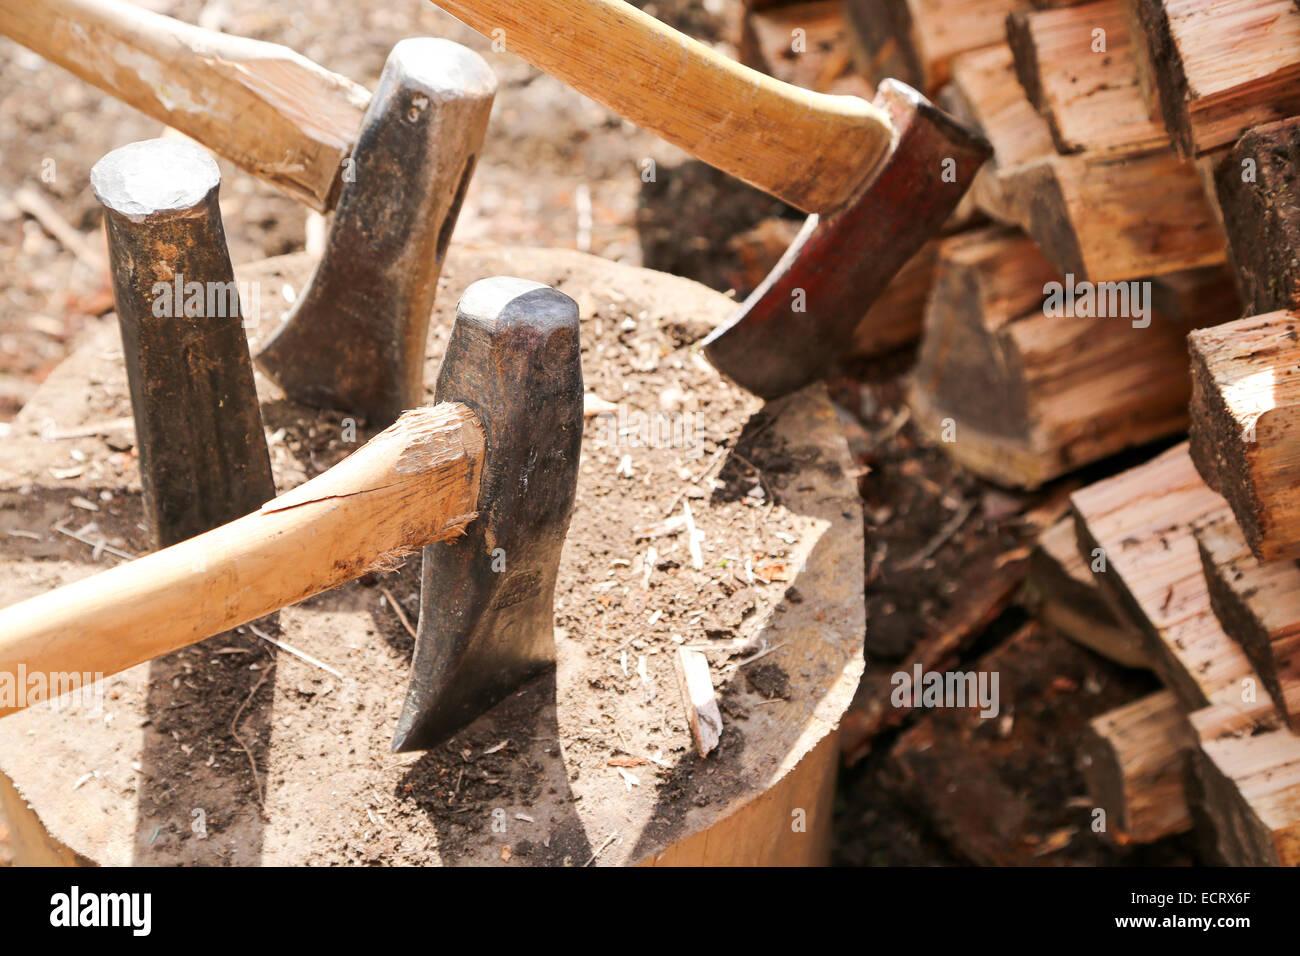 Un gros bloc de bois revêt plusieurs axes de bois partager pendant le nettoyage de printemps week-end à Photo Stock